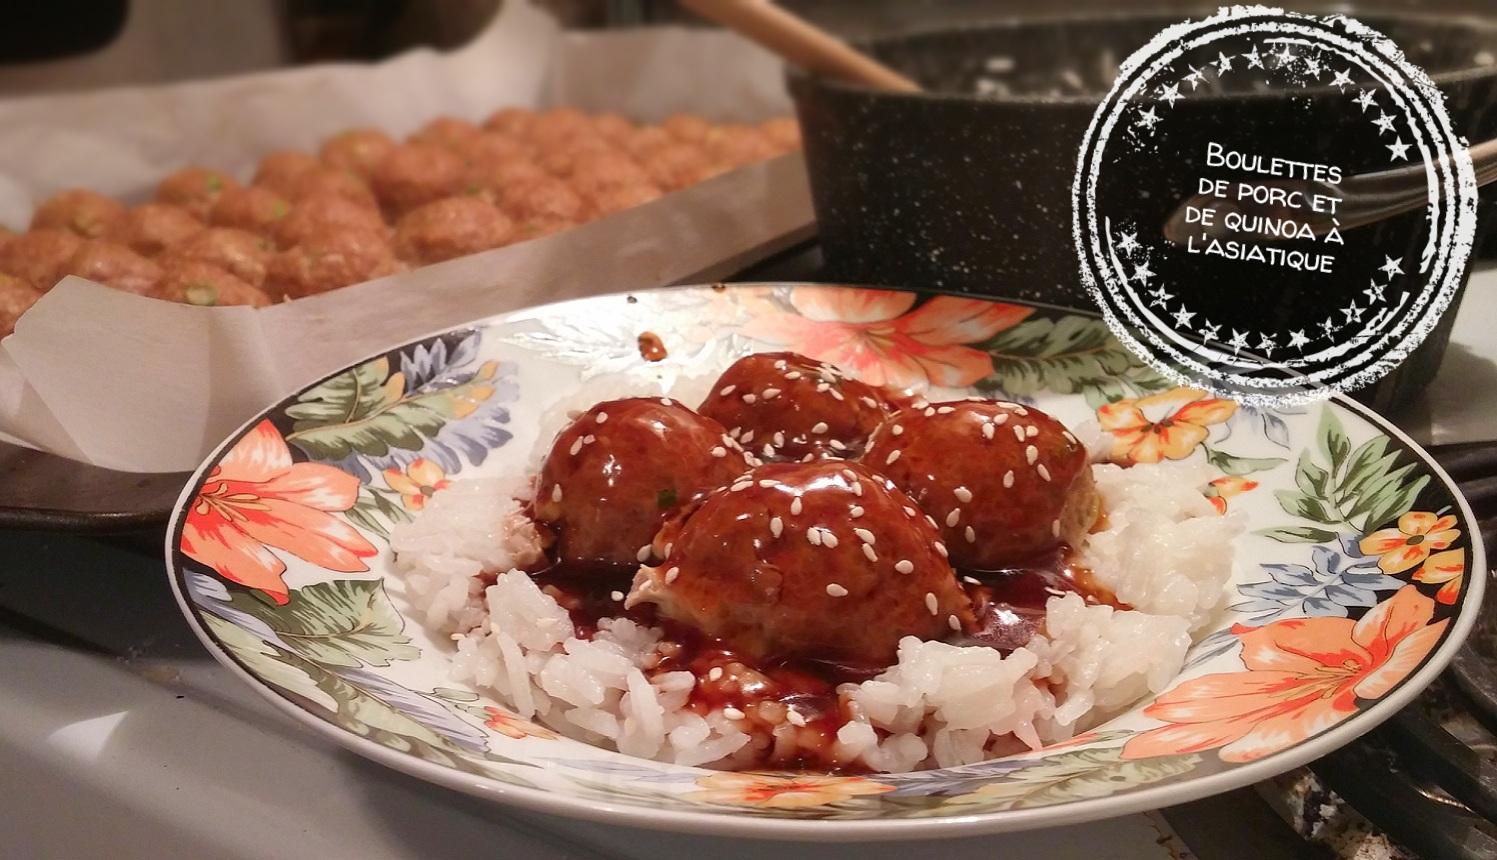 Boulettes de porc et de quinoa à l'asiatique - Auboutdelalangue.com